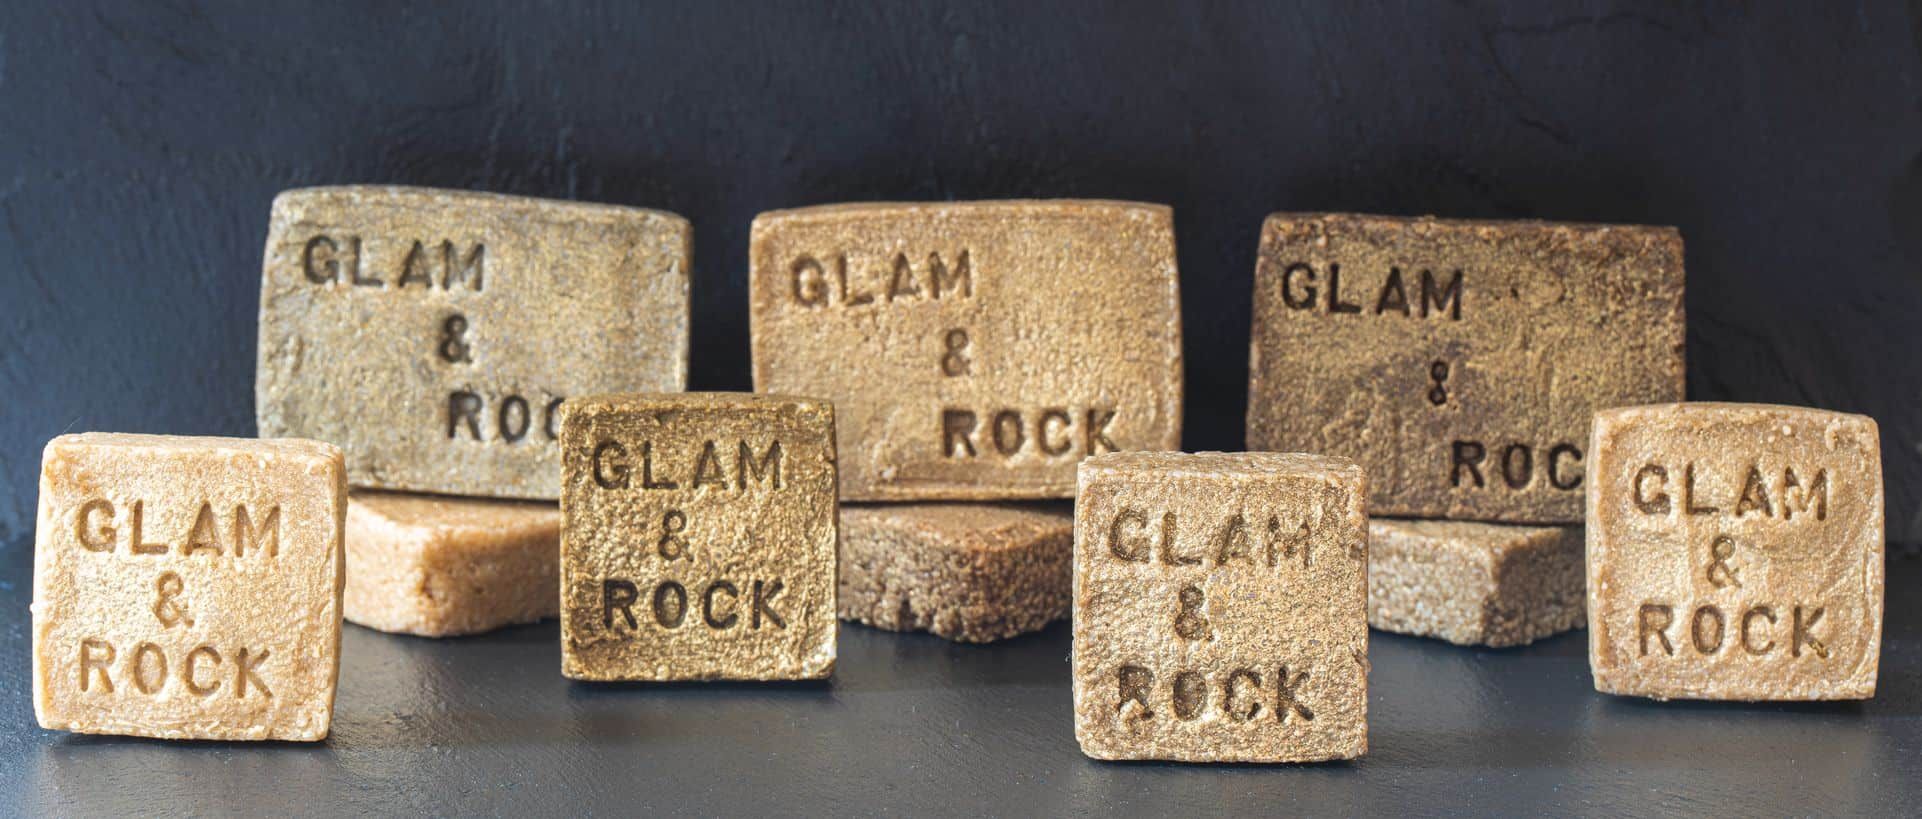 nous avons choisi les shampoings solides Glam Rock. Leur particularité est d'avoir pour principe actif les huiles essentielles. En plus d'être 100% naturels, ces soins lavants répondent aux besoins de chaque type de cheveux grâce aux vertus des HE.